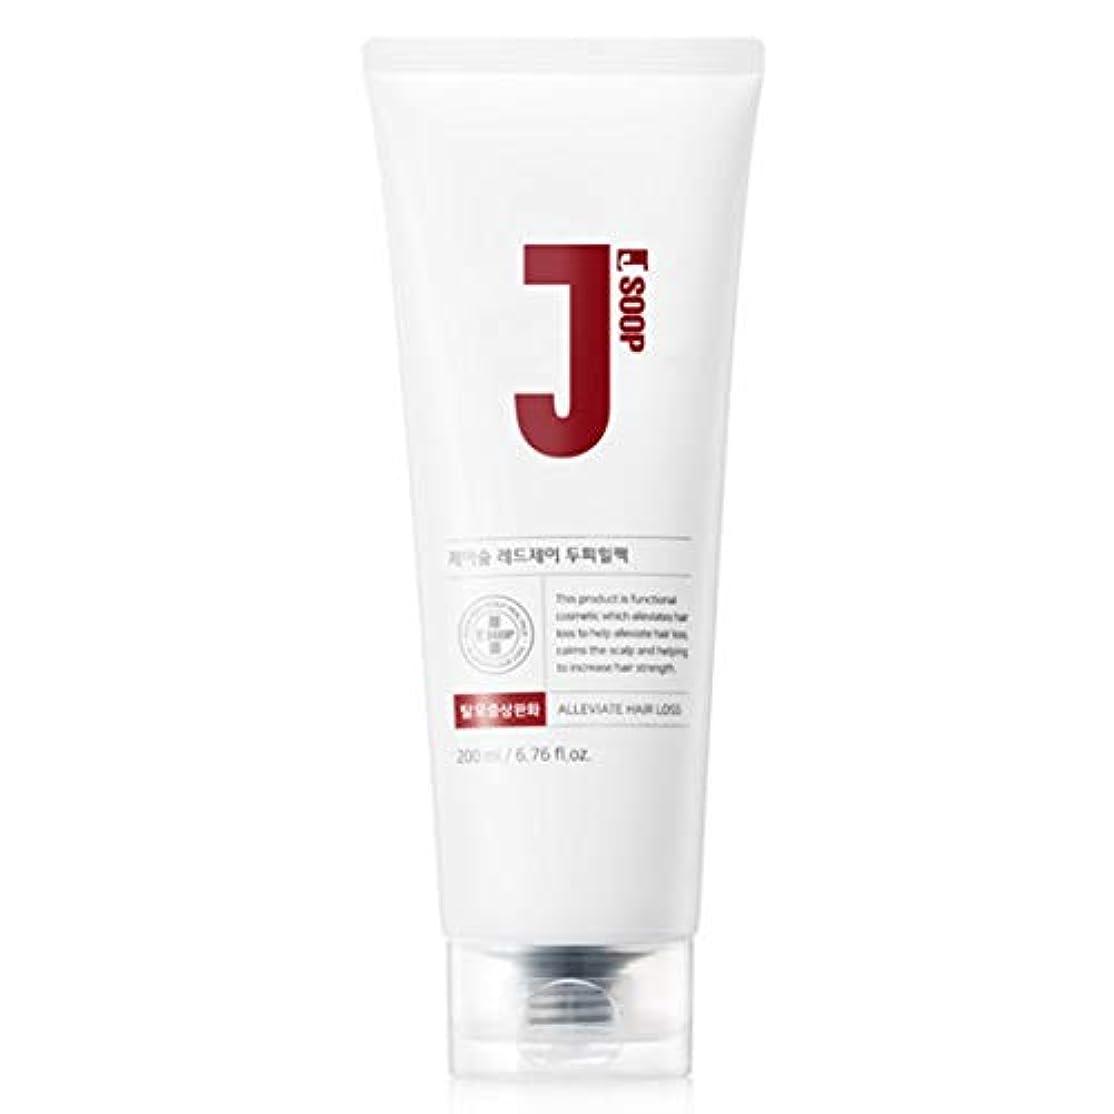 本能環境効能あるJSOOP RED J SCALP HEAL PACK